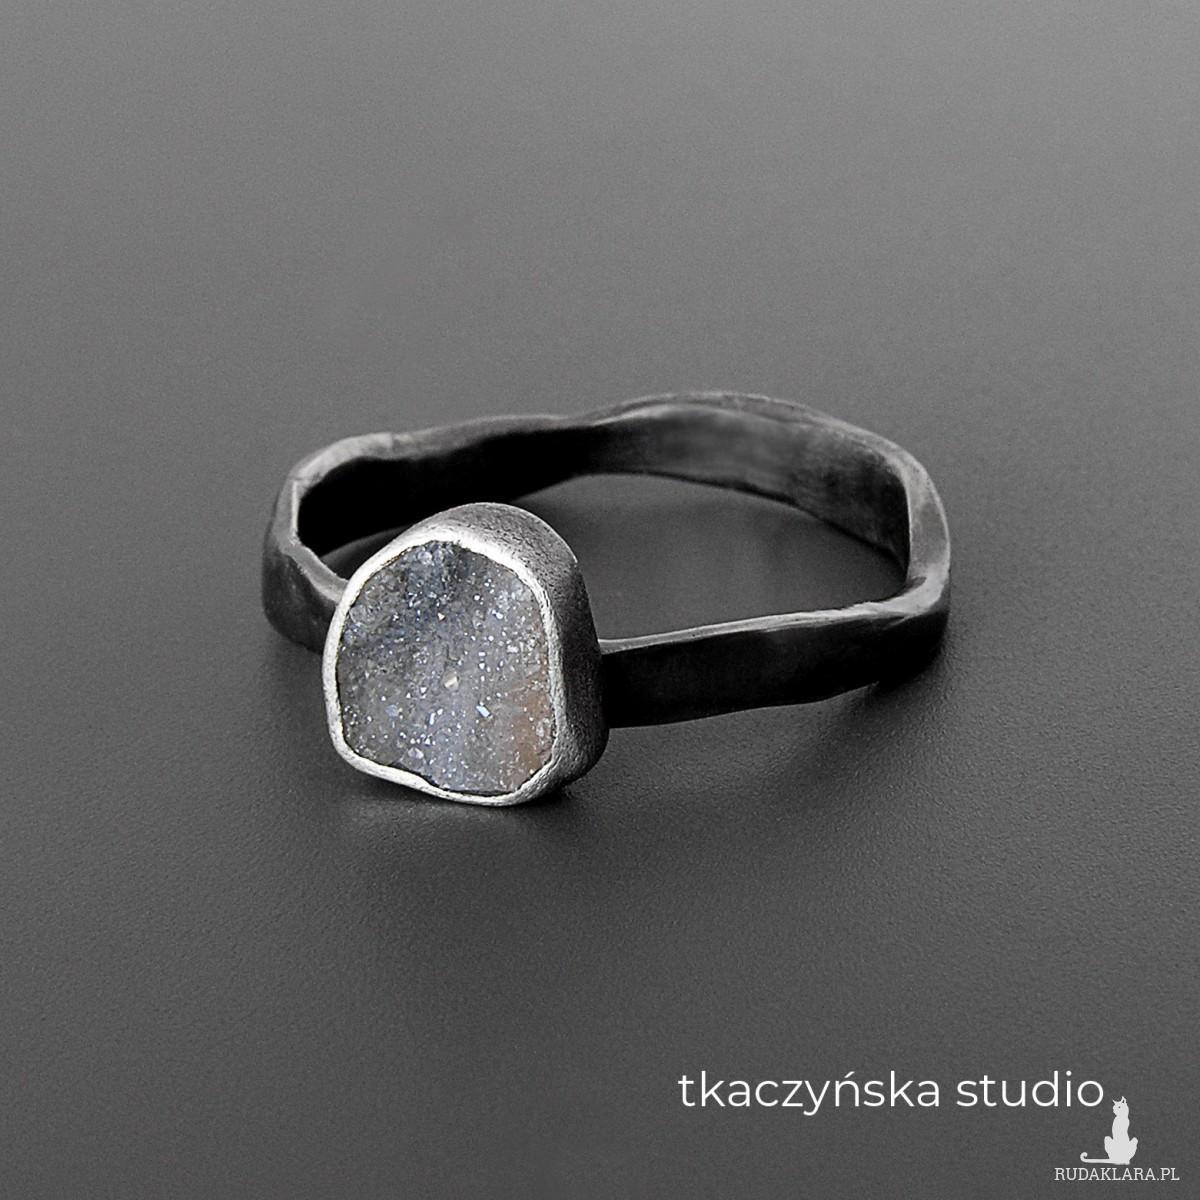 Galaktyka – delikatny pierścionek z druzą chalcedonową, na zamówienie